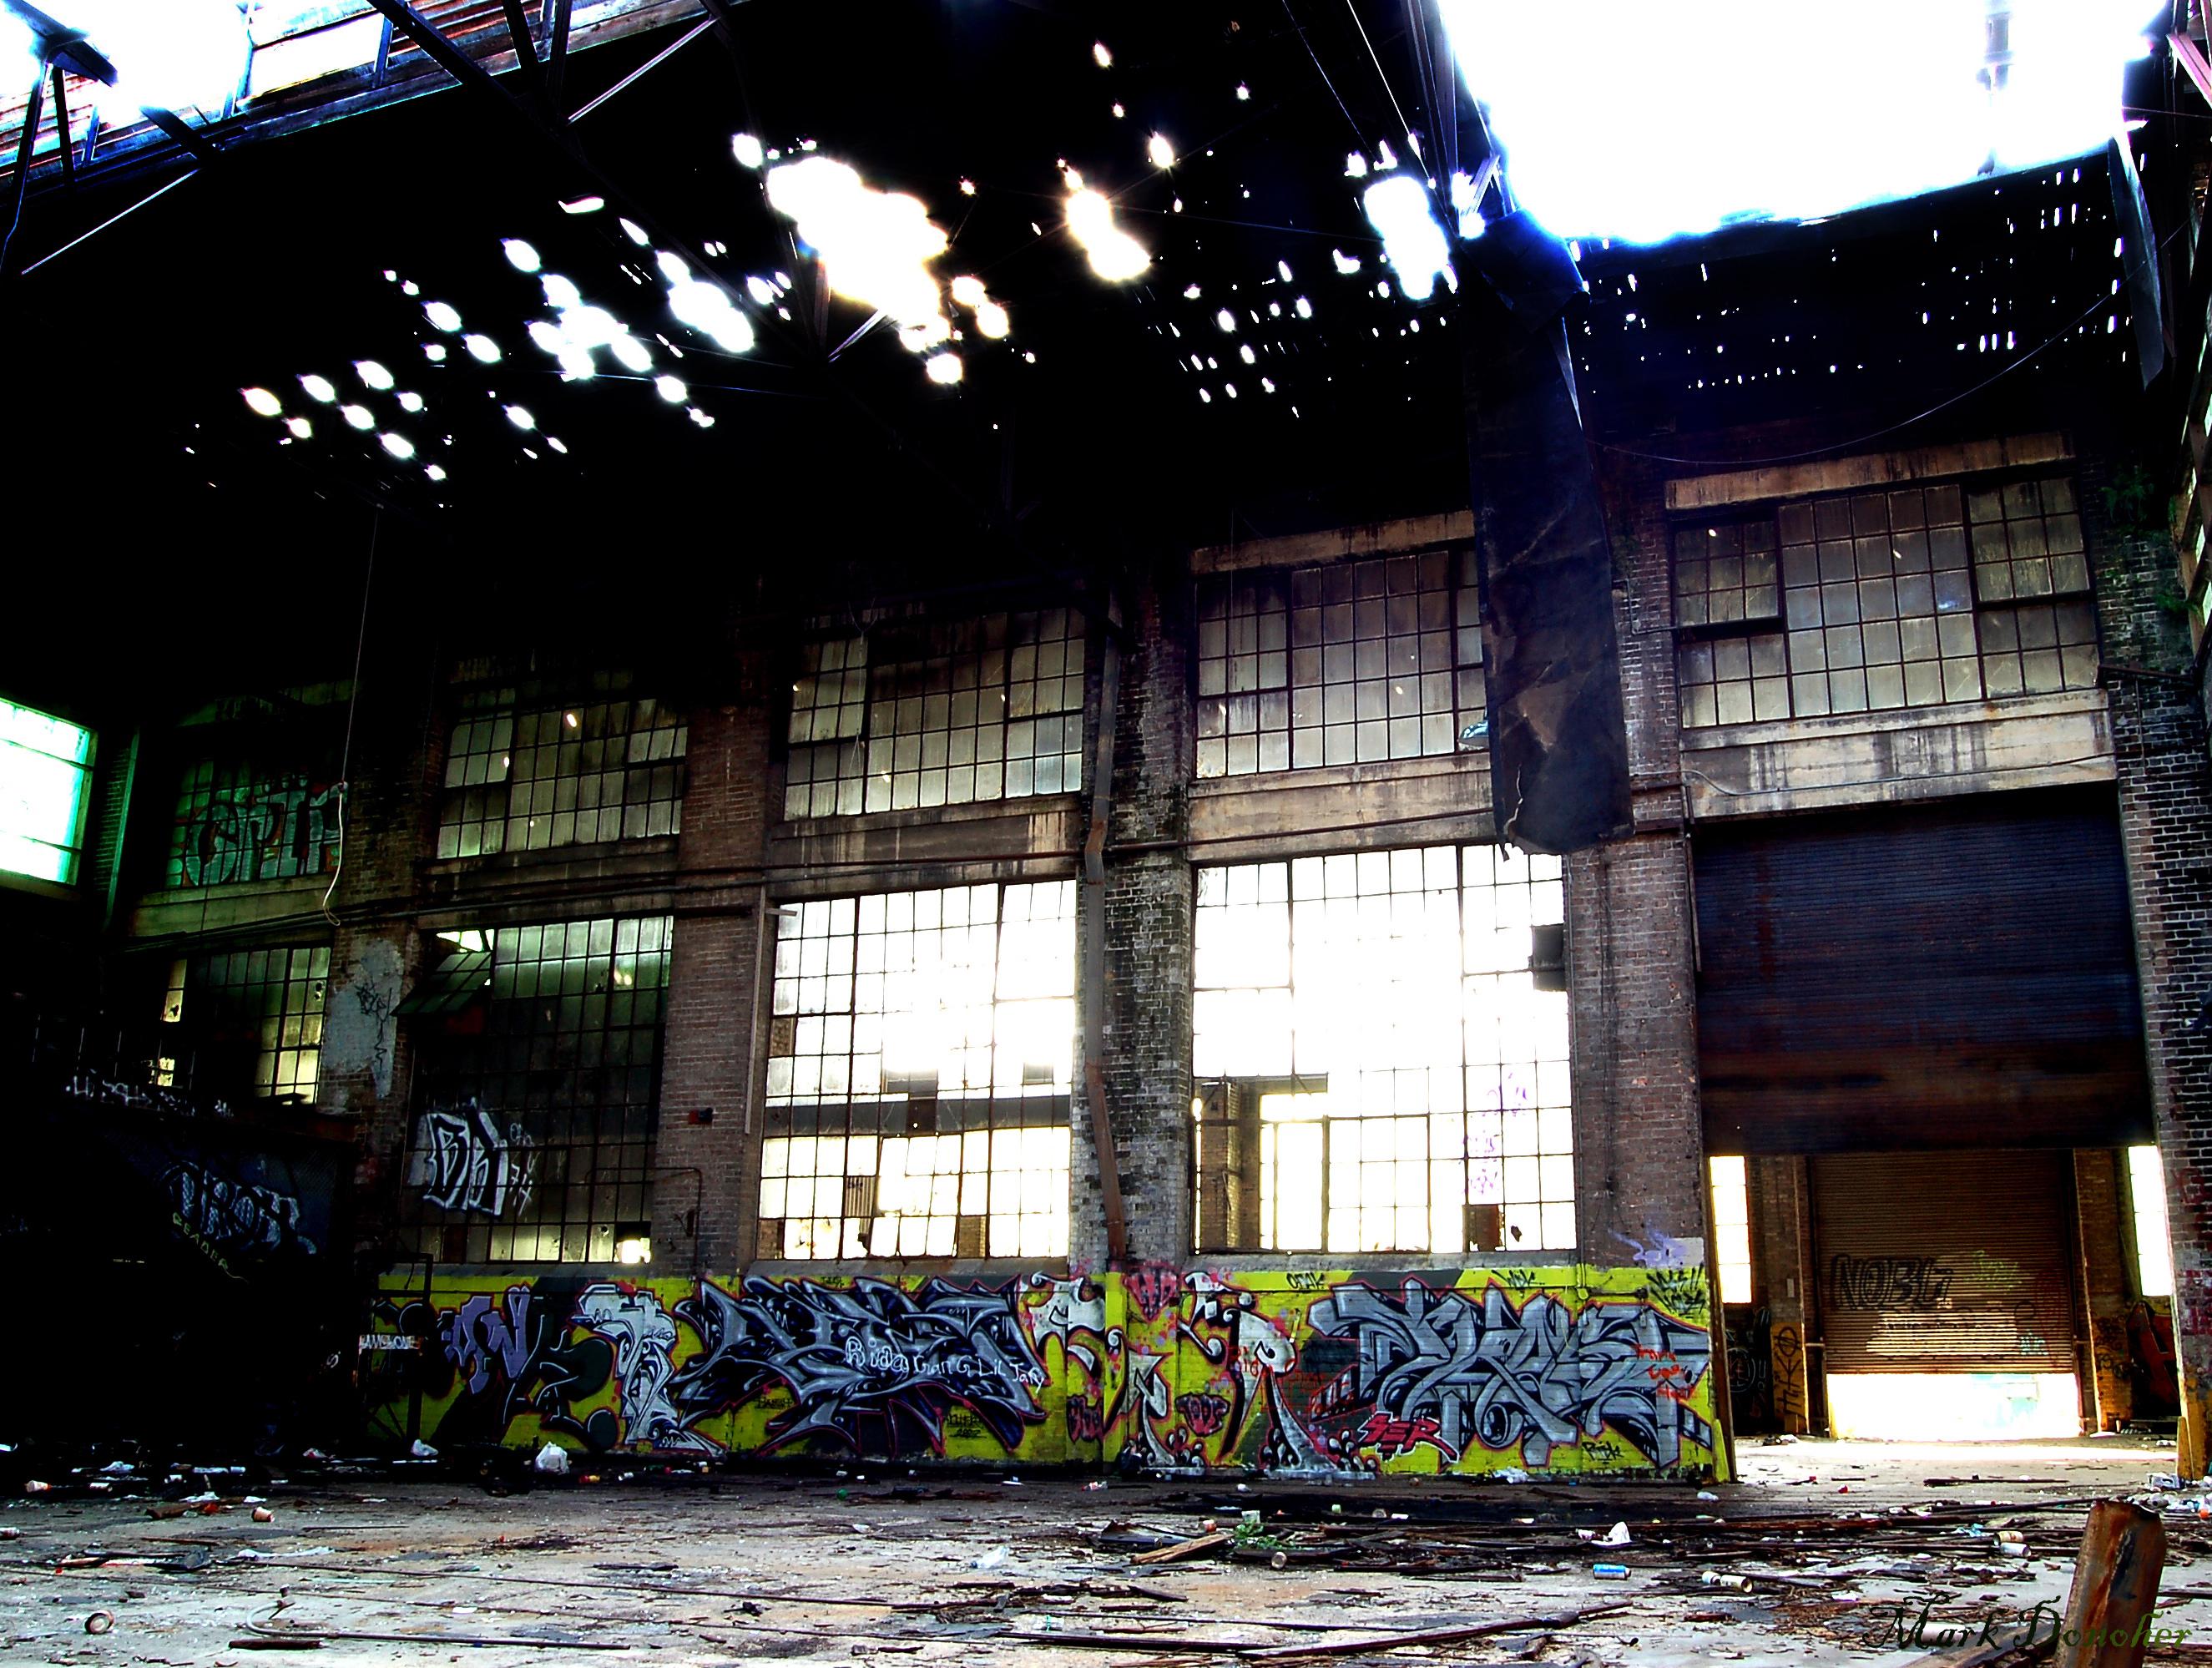 Zerstörtes Warenhaus in New Orleans nach Hurrican - Quelle: Wiki Media